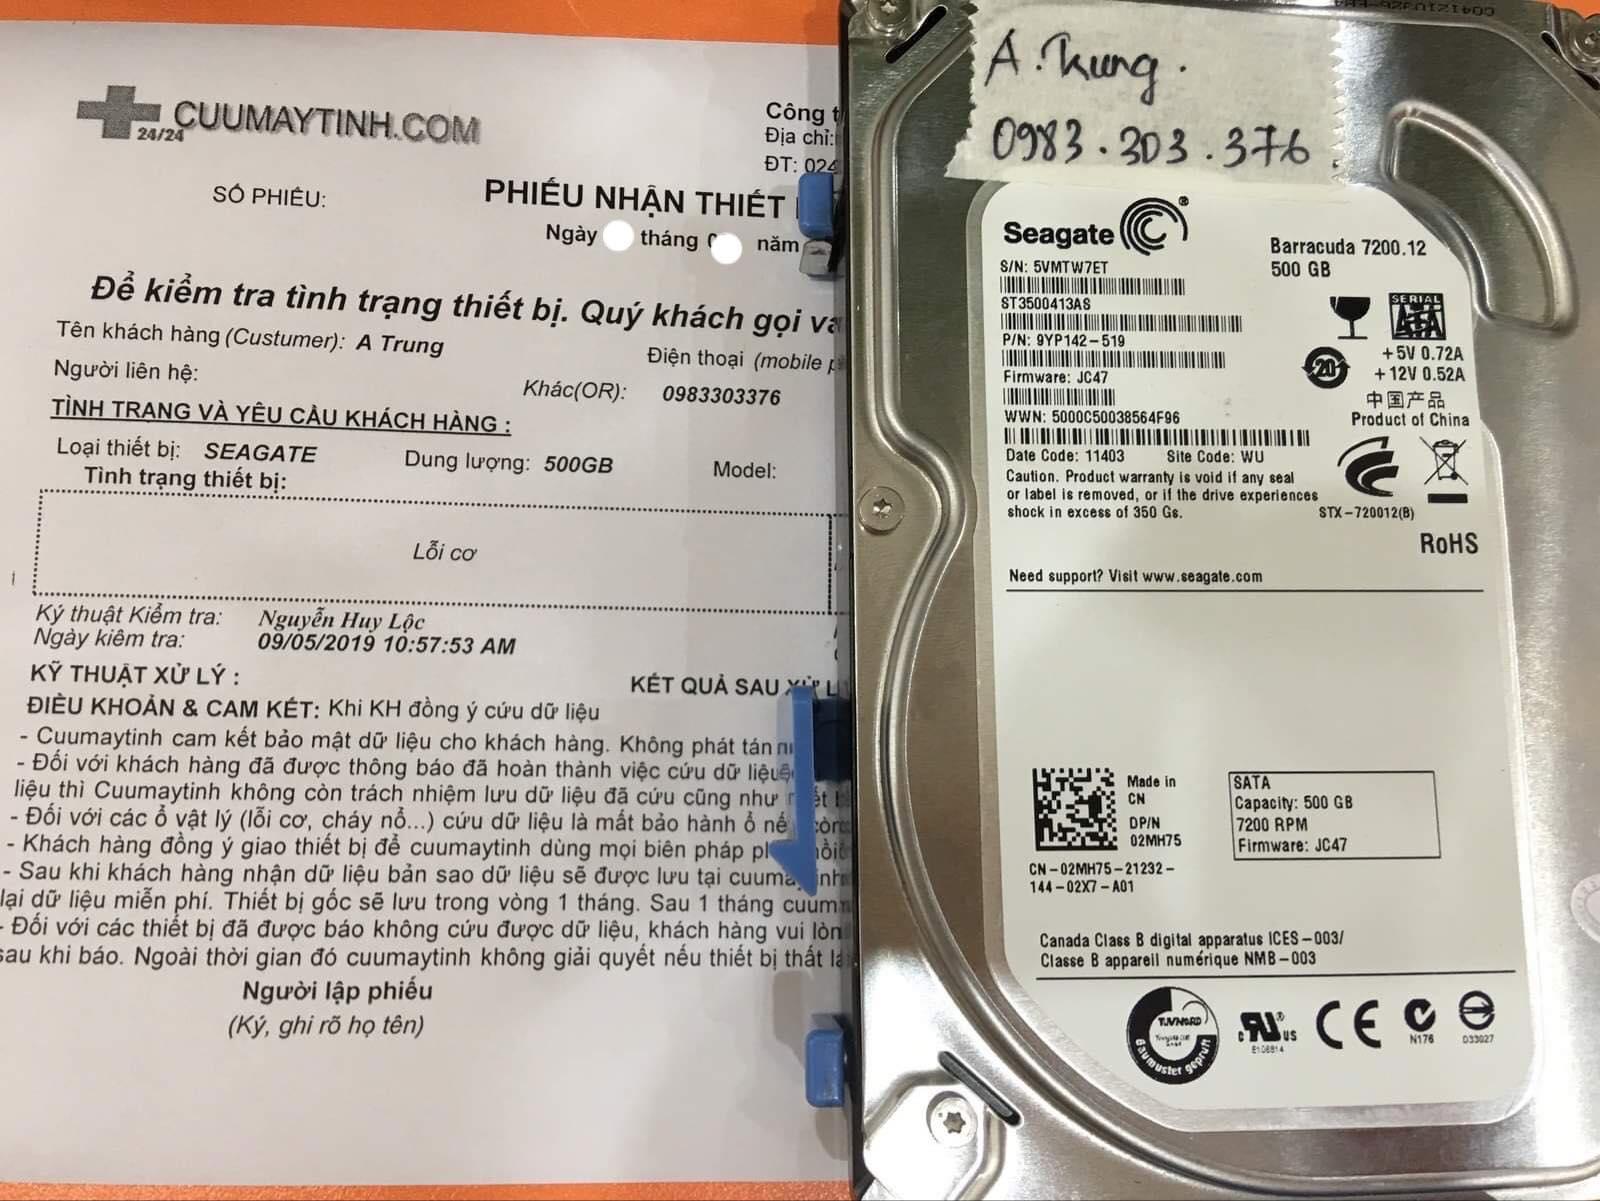 Khôi phục dữ liệu ổ cứng Seagate 500GB lỗi cơ 28/10/2019 - cuumaytinh